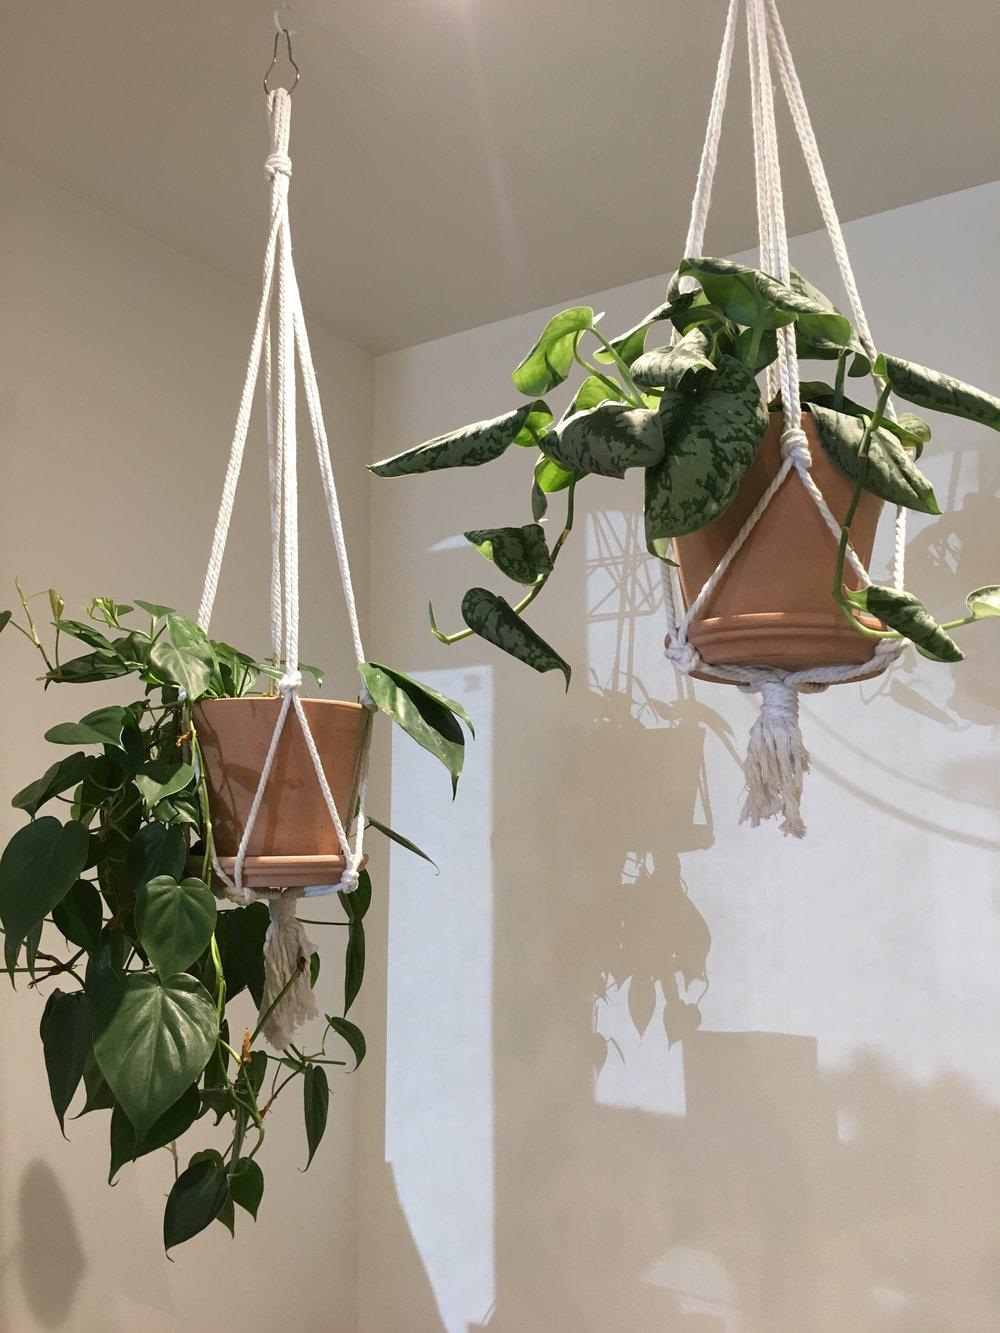 Plantes suspendues pour le décor d'un café montréalais